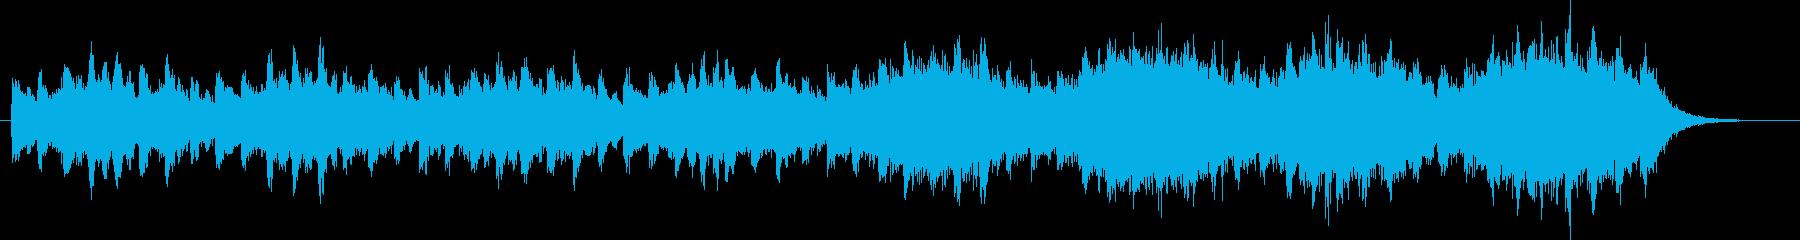 ポップ テクノ 現代的 交響曲 ア...の再生済みの波形